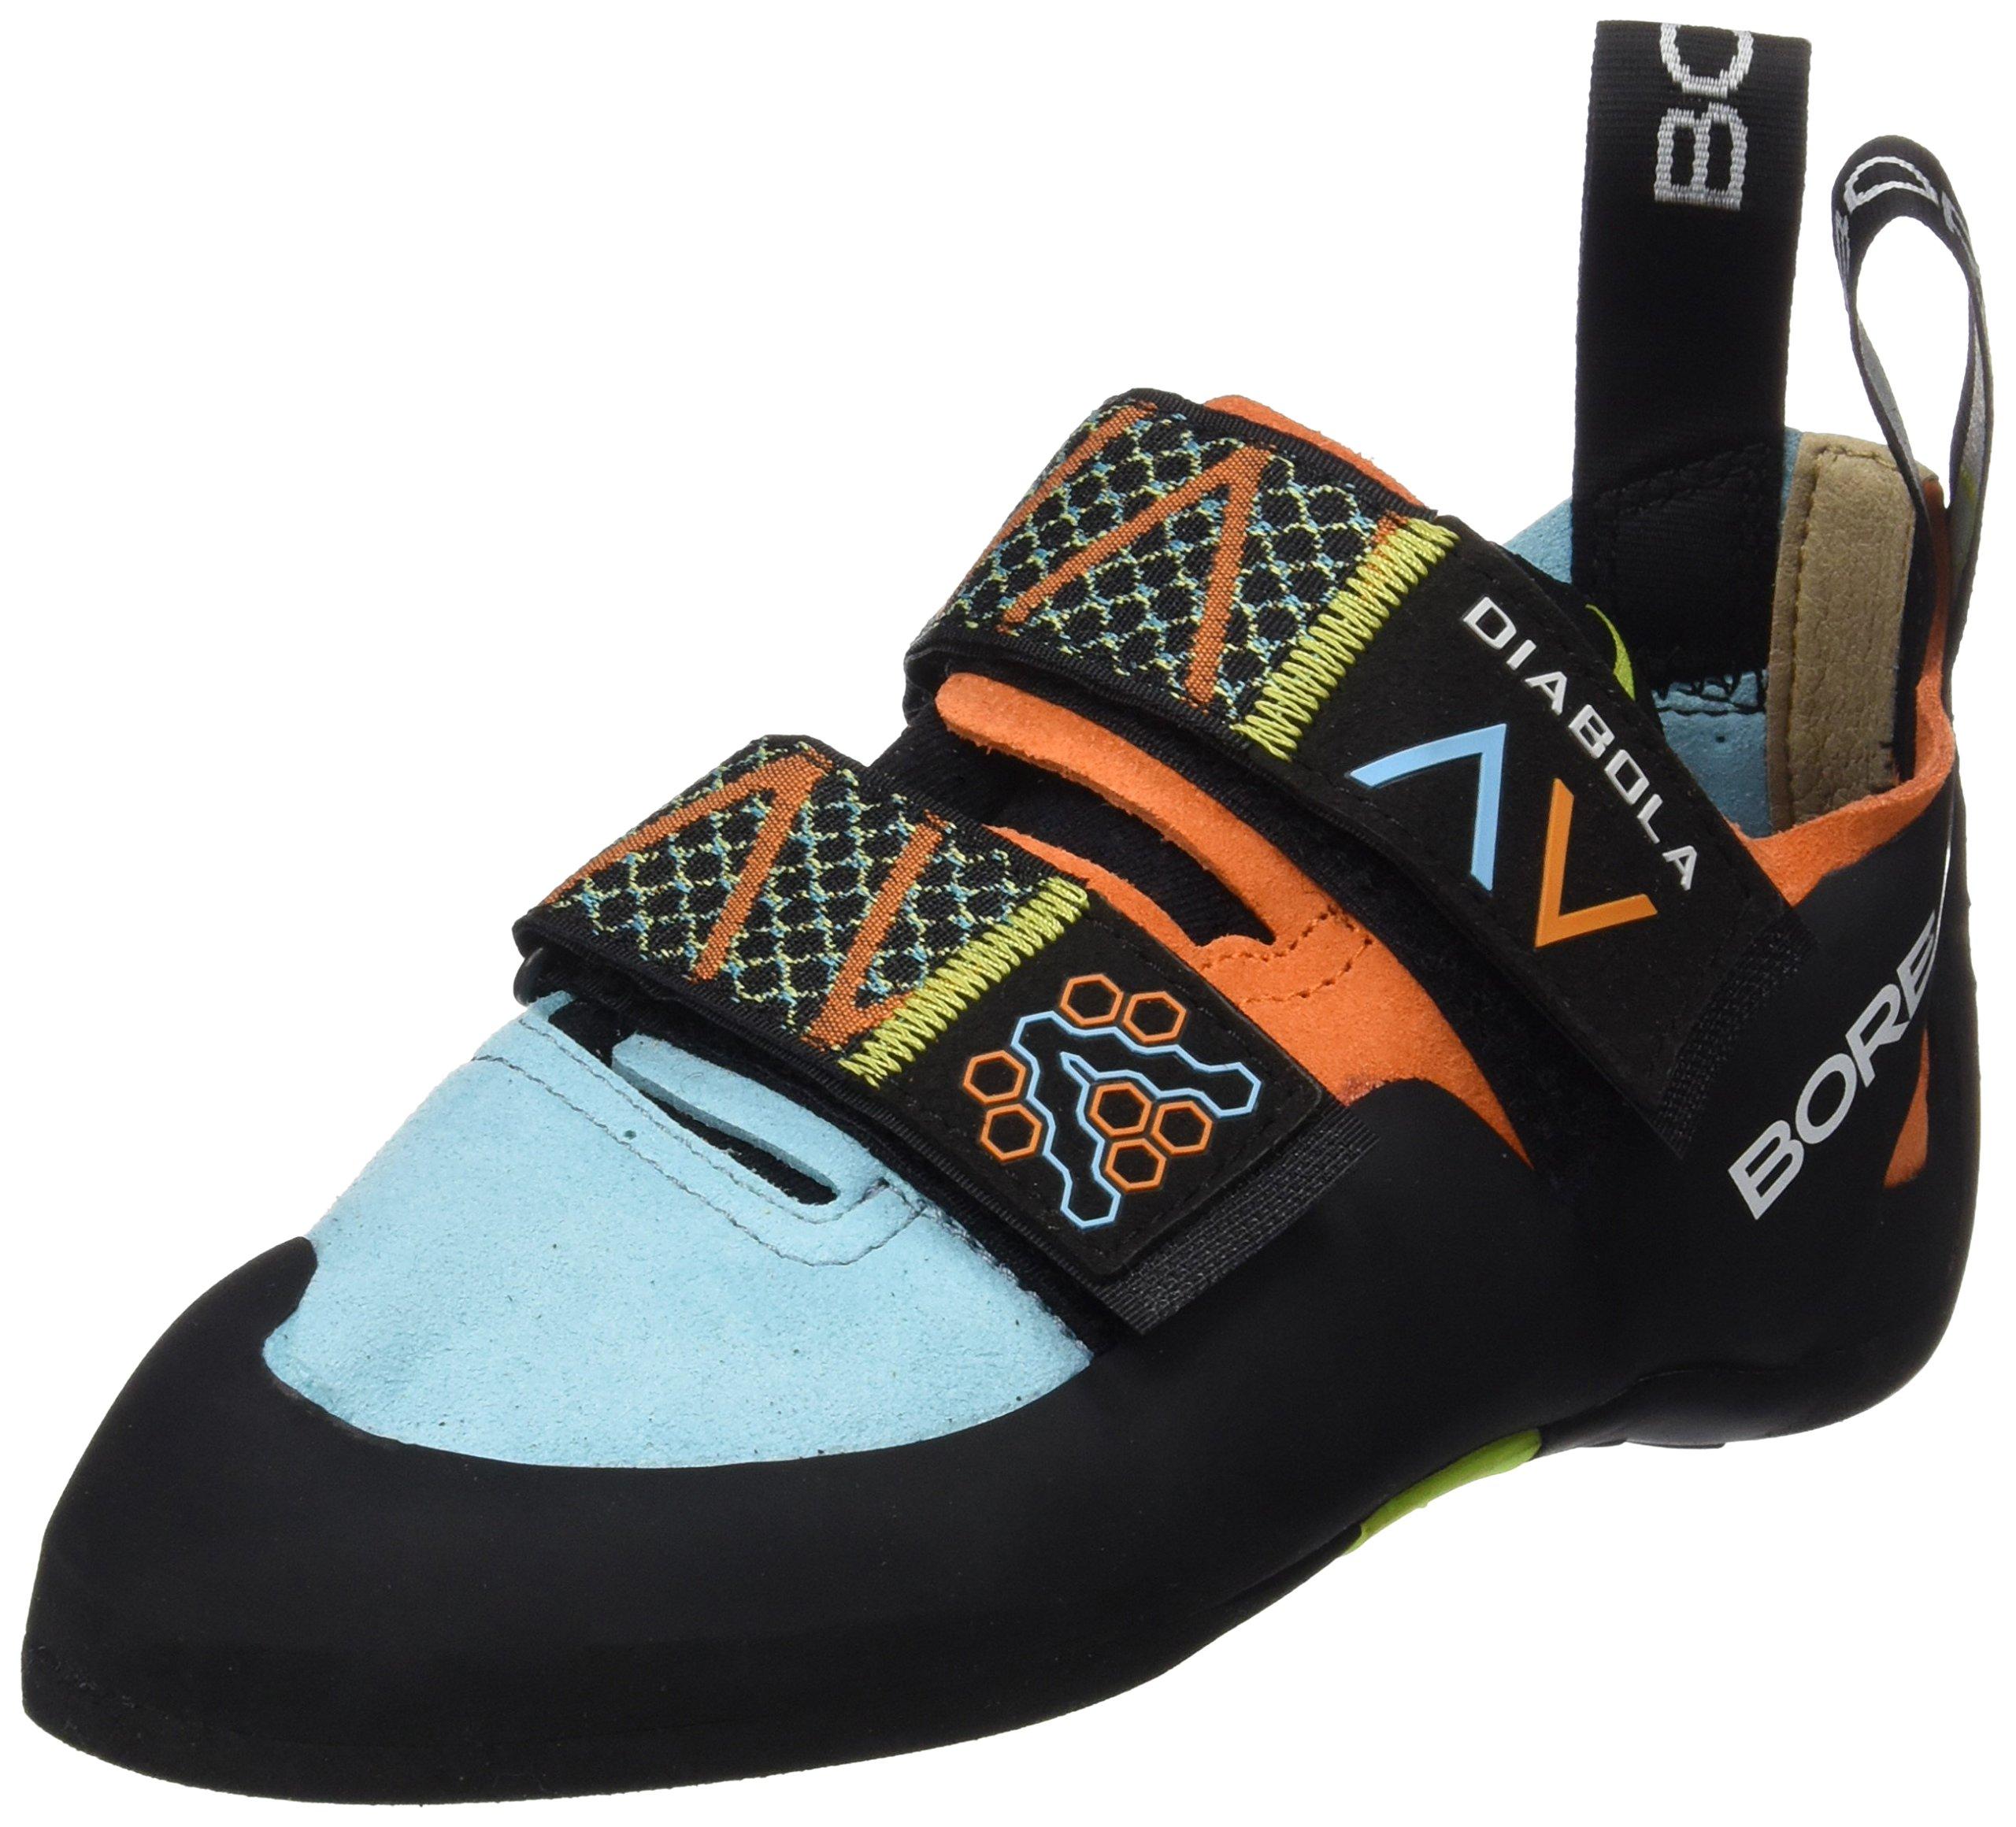 Boreal Diabola Climbing Shoes - Women's 6